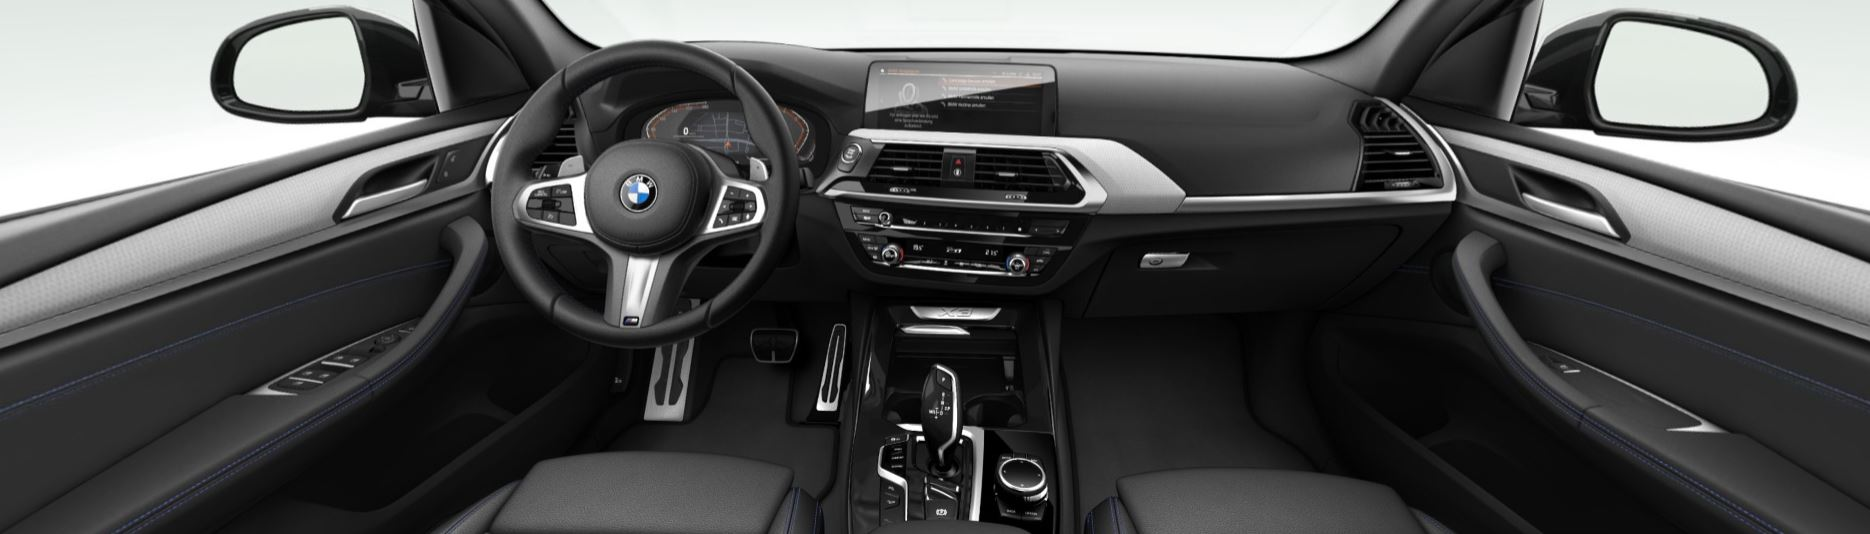 BMW-X3-xDrive20i-3